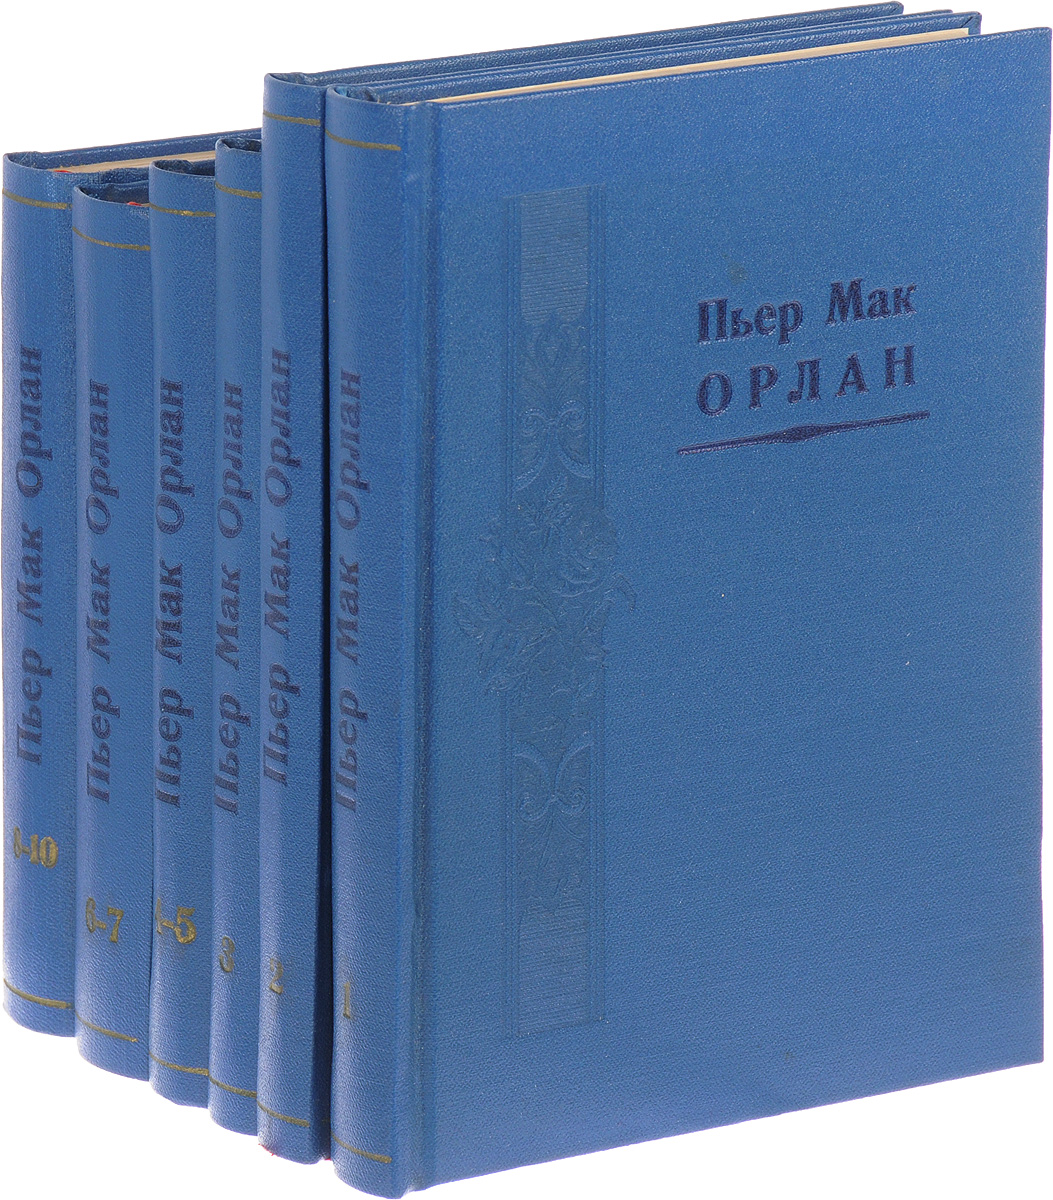 Пьер Мак Орлан. Собрание сочинений в 10 томах. Конволют (комплект из 6 книг) конволют из 23 книг